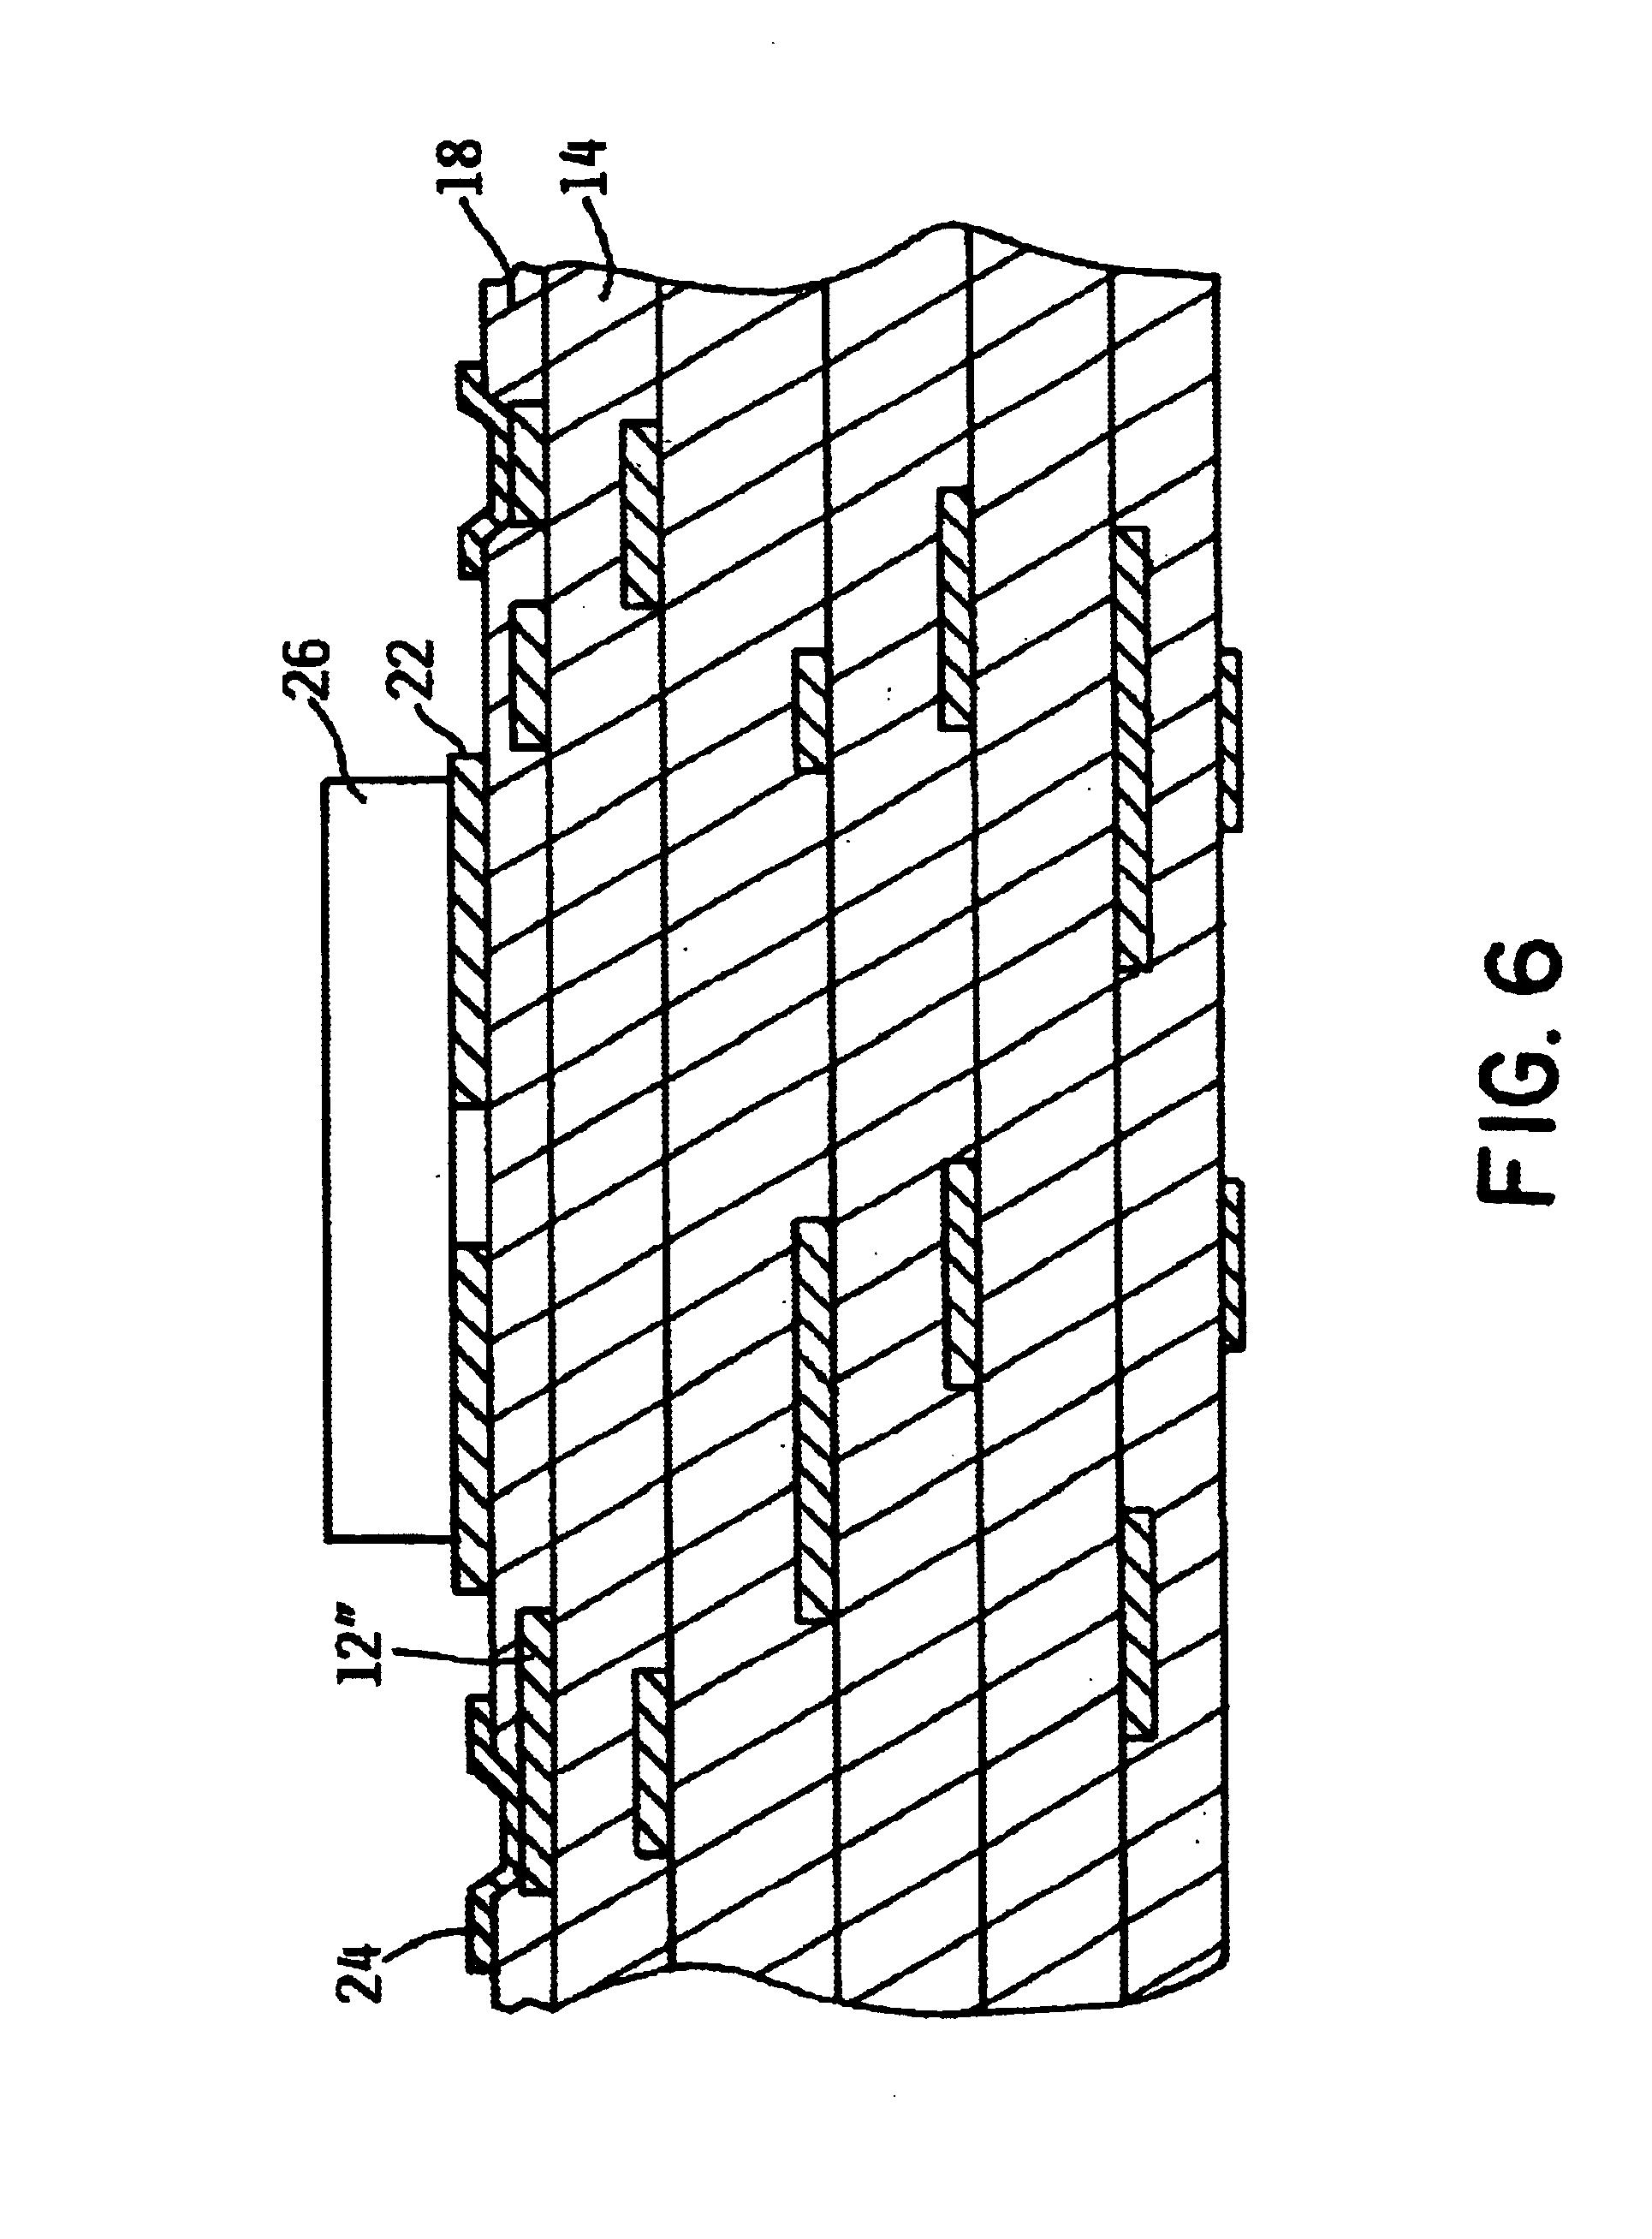 patent us6734369